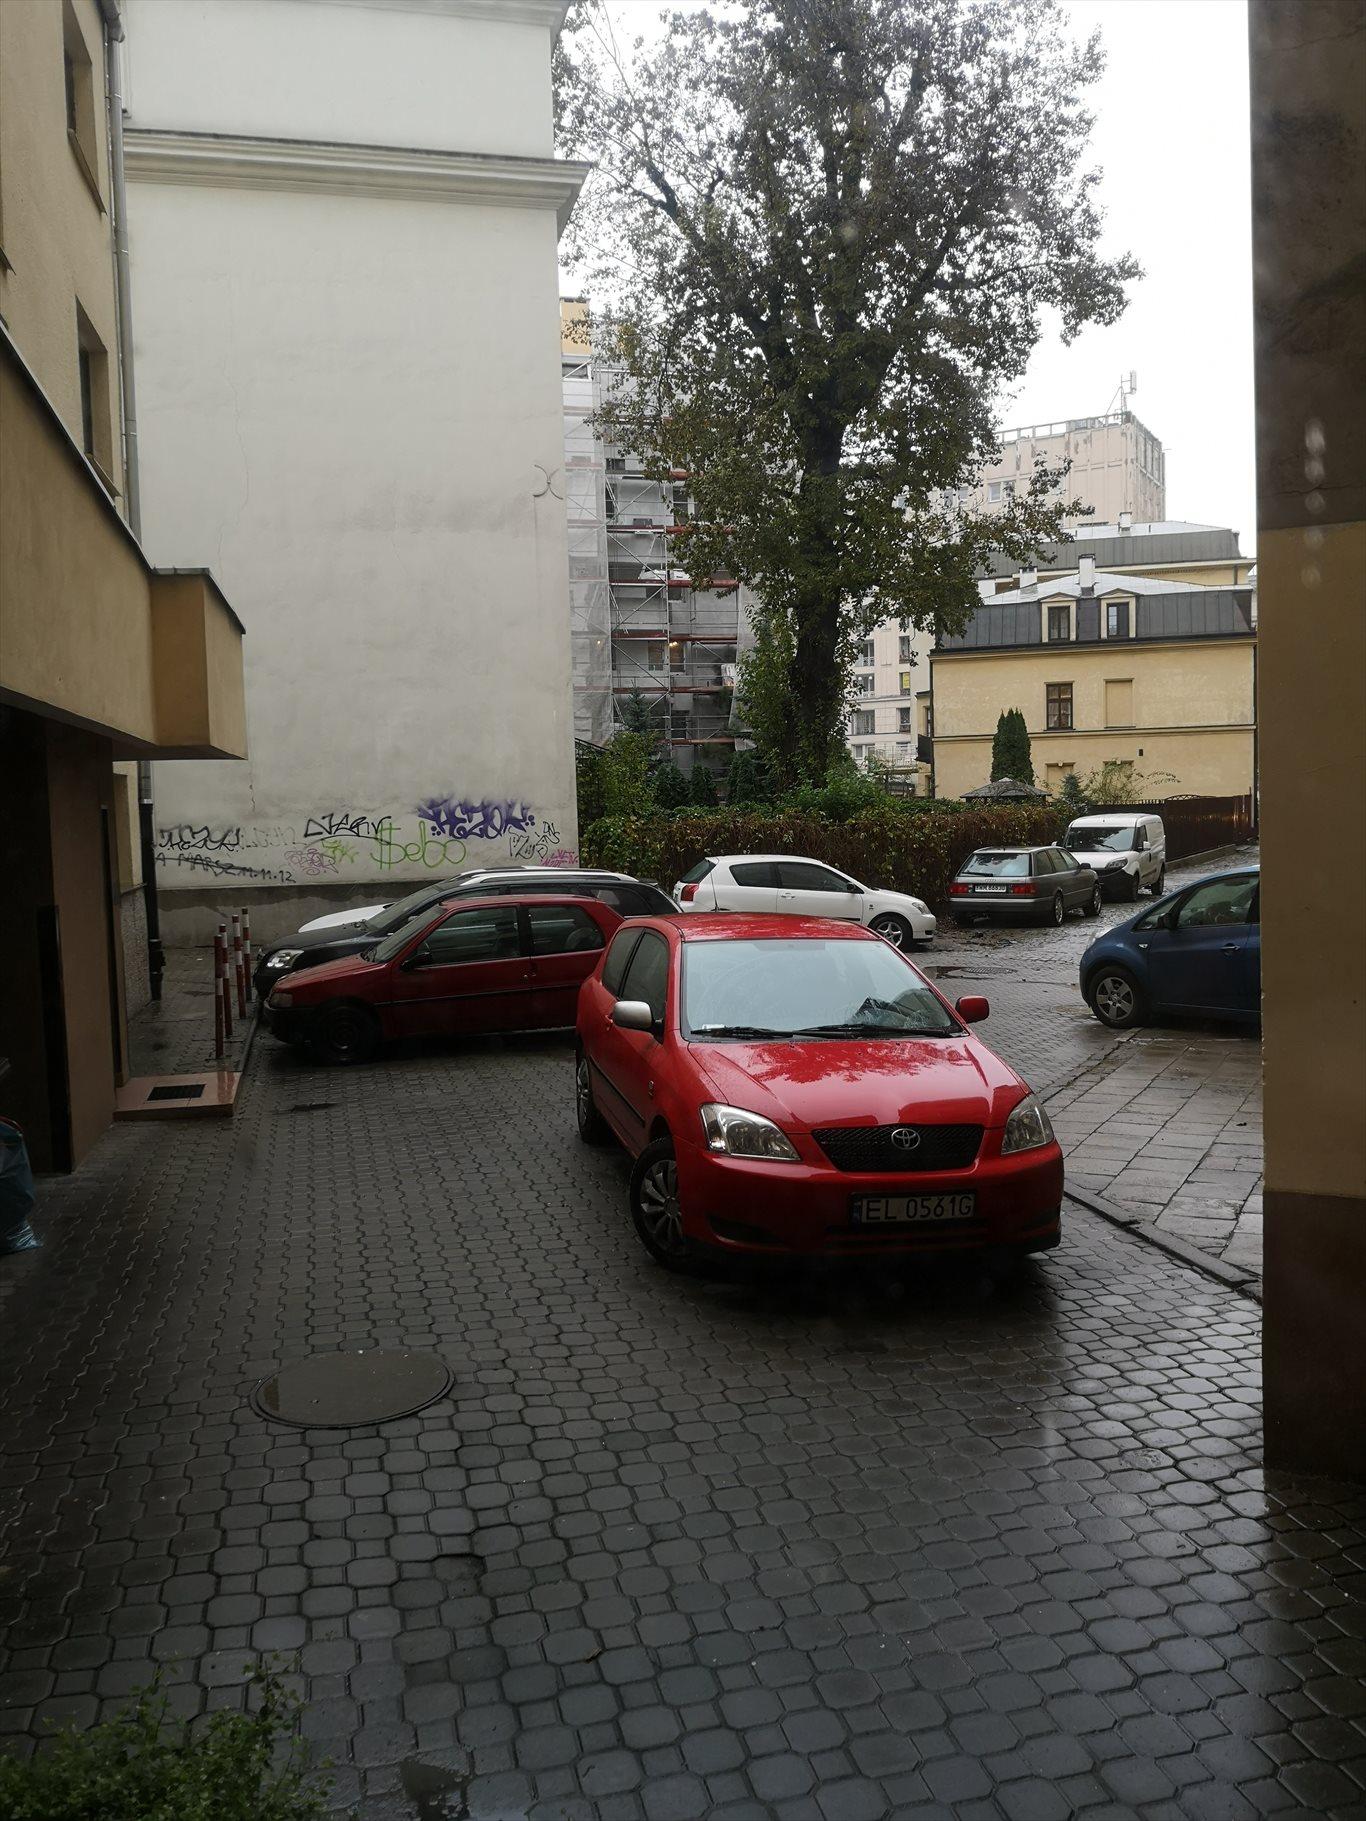 Lokal użytkowy na wynajem Warszawa, Śródmieście, Śniadeckich 21  58m2 Foto 6